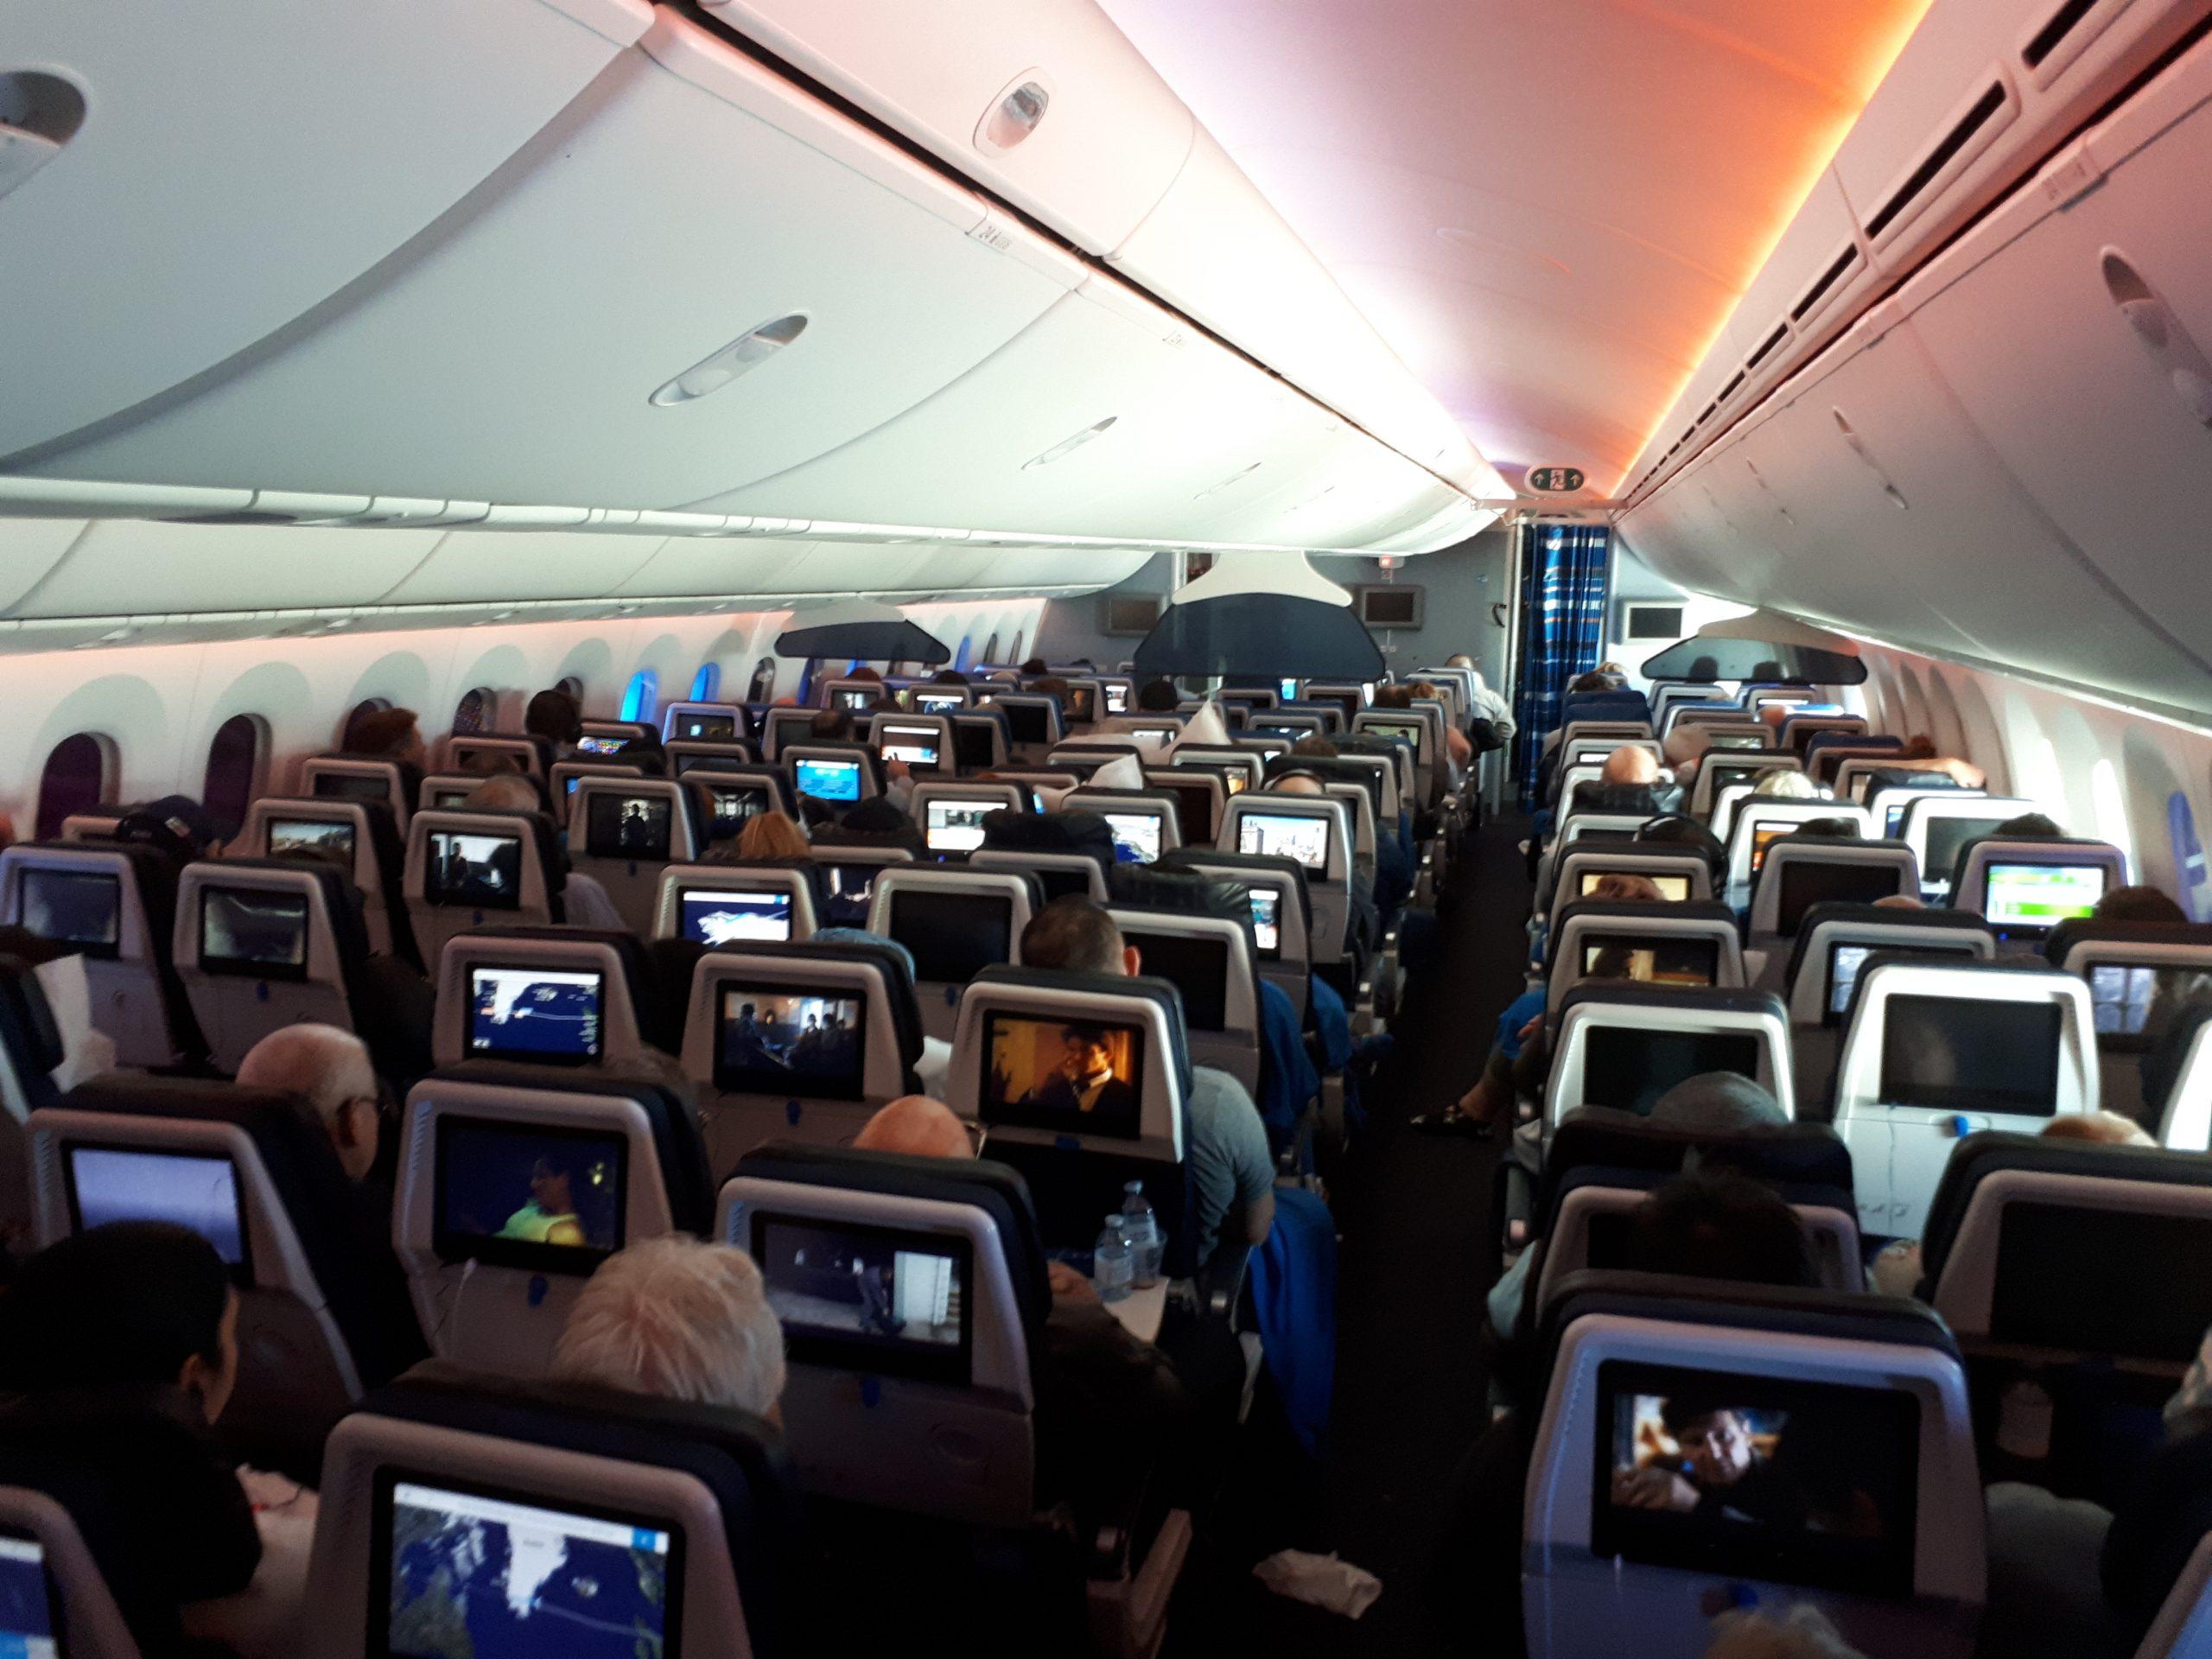 Flere flyselskaber begynder i stigende grad igen at udbyde øget betjening på ruter, der har været lagt ned mens coronakrisen for alvor rasede. Arkivfoto: Henrik Baumgarten.